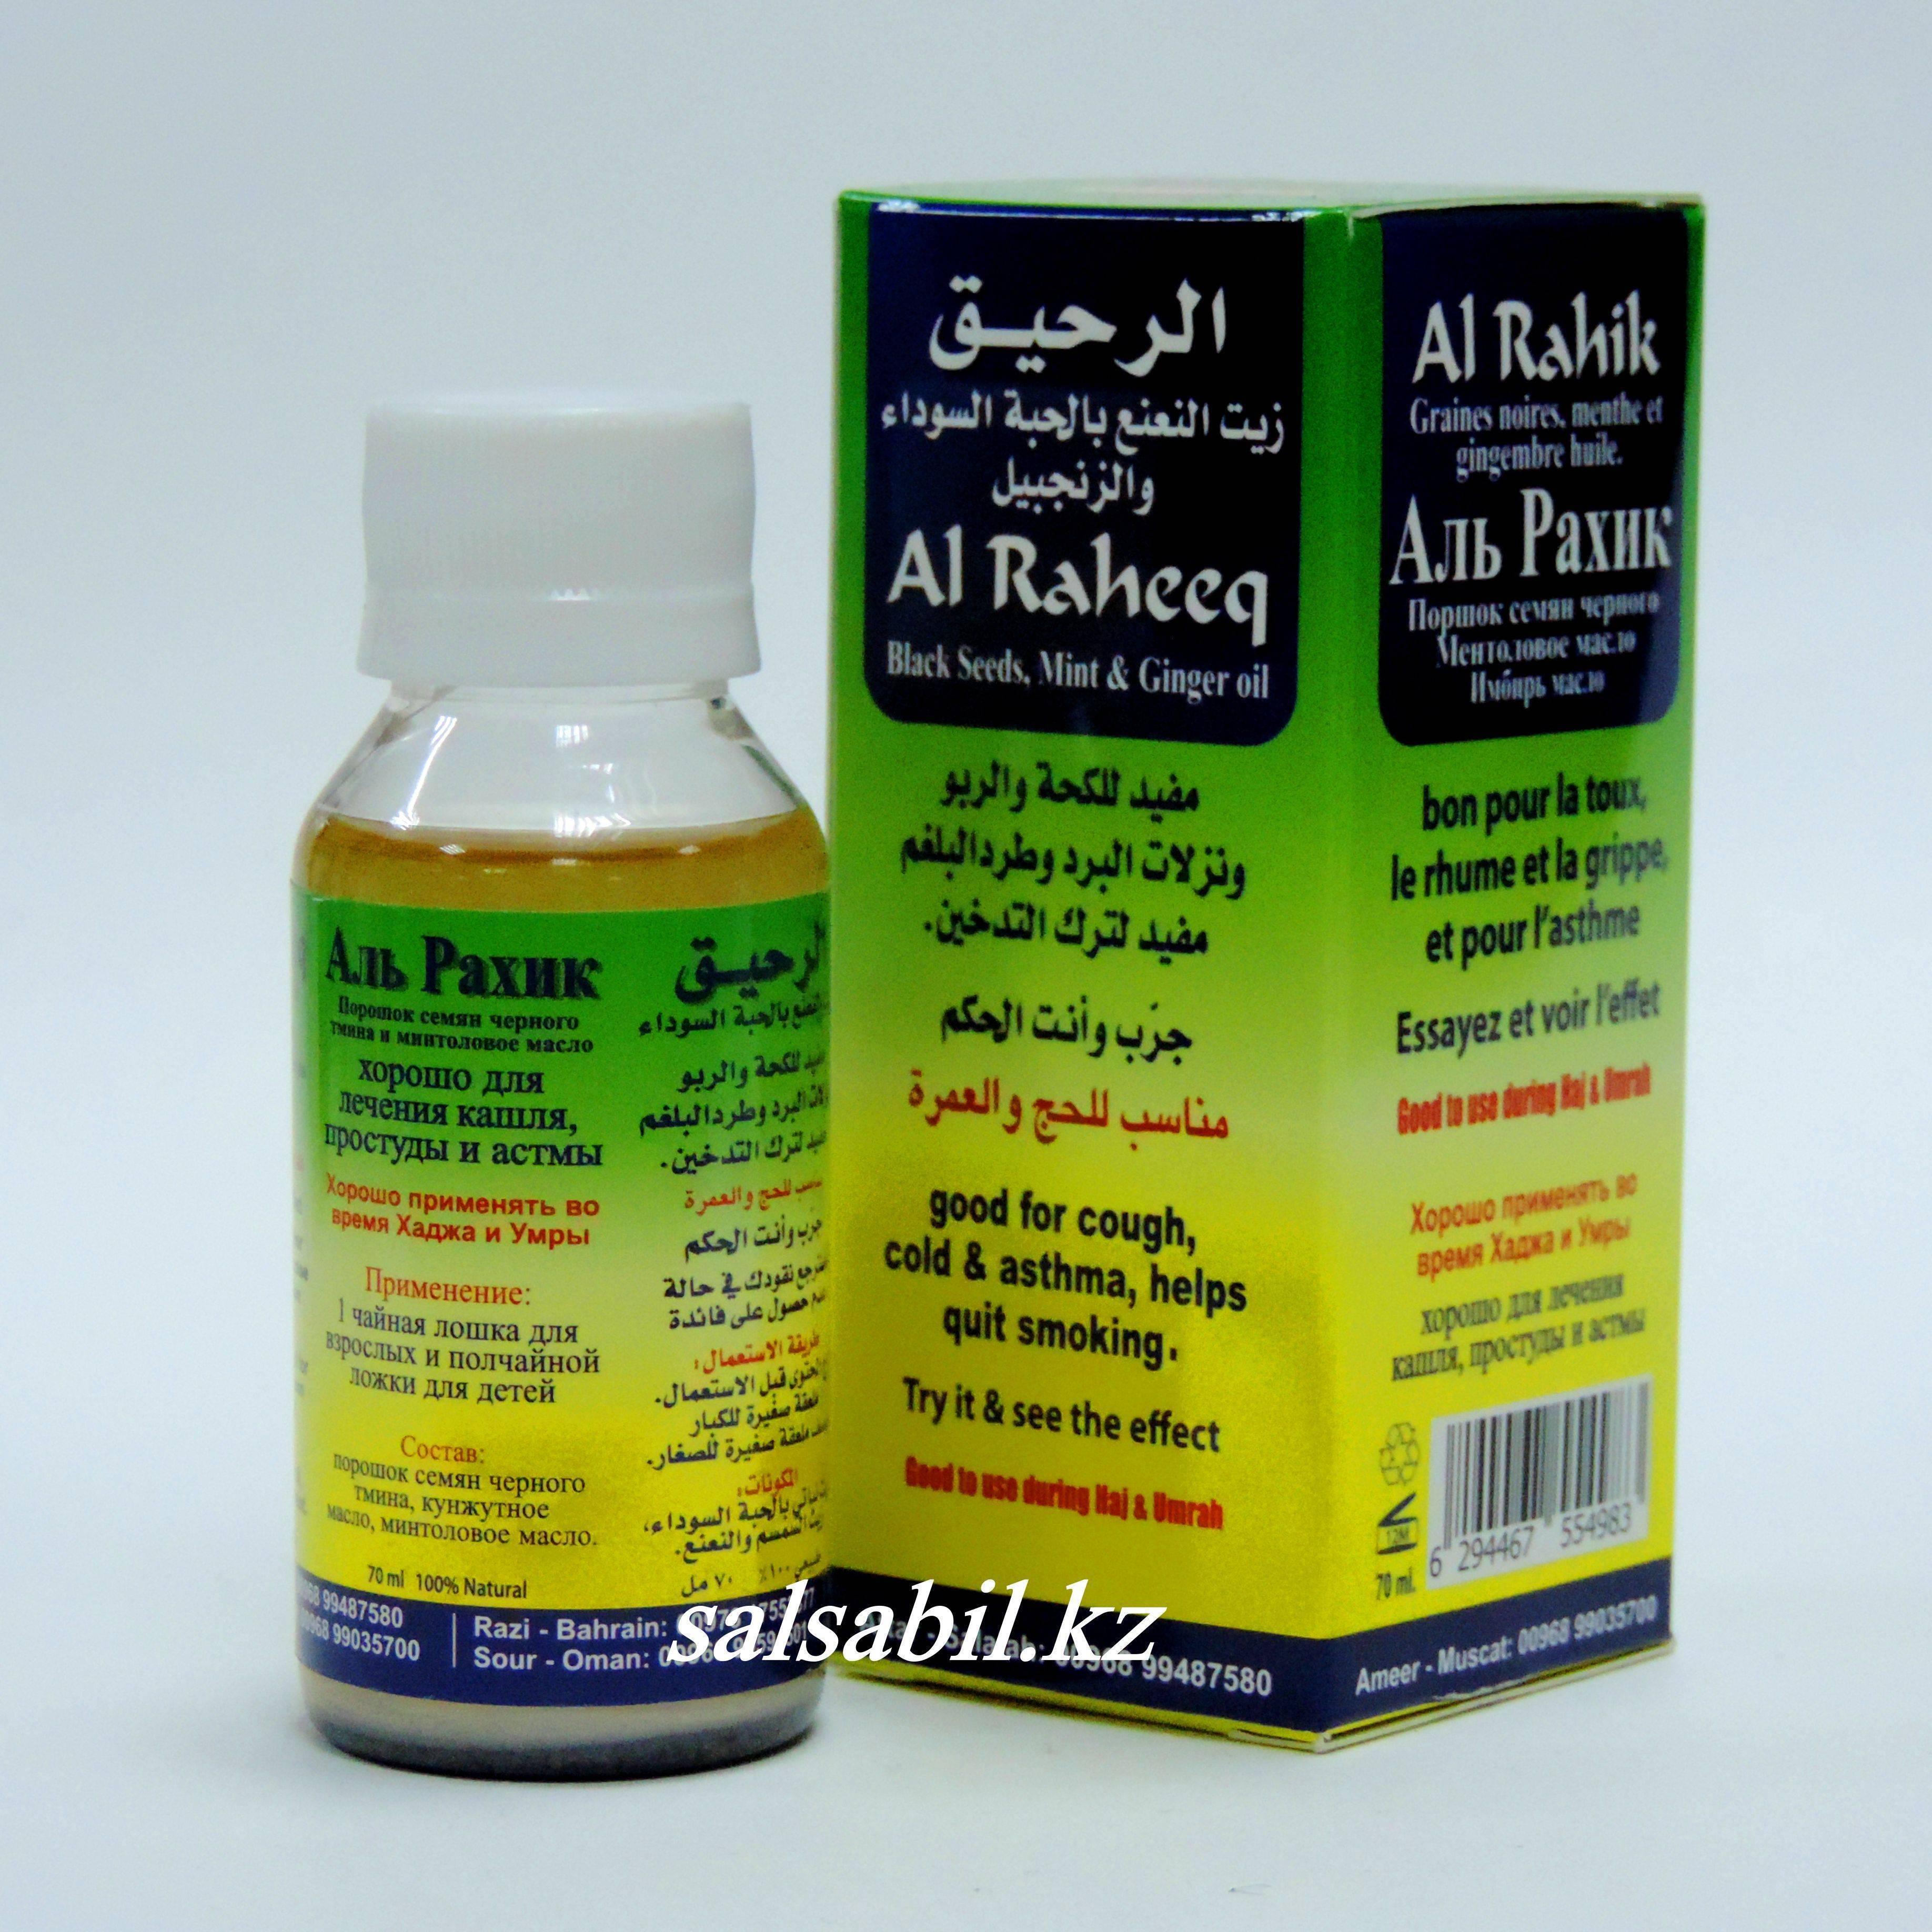 Лекарства для ингаляции при кашле и насморке на ингаляторе